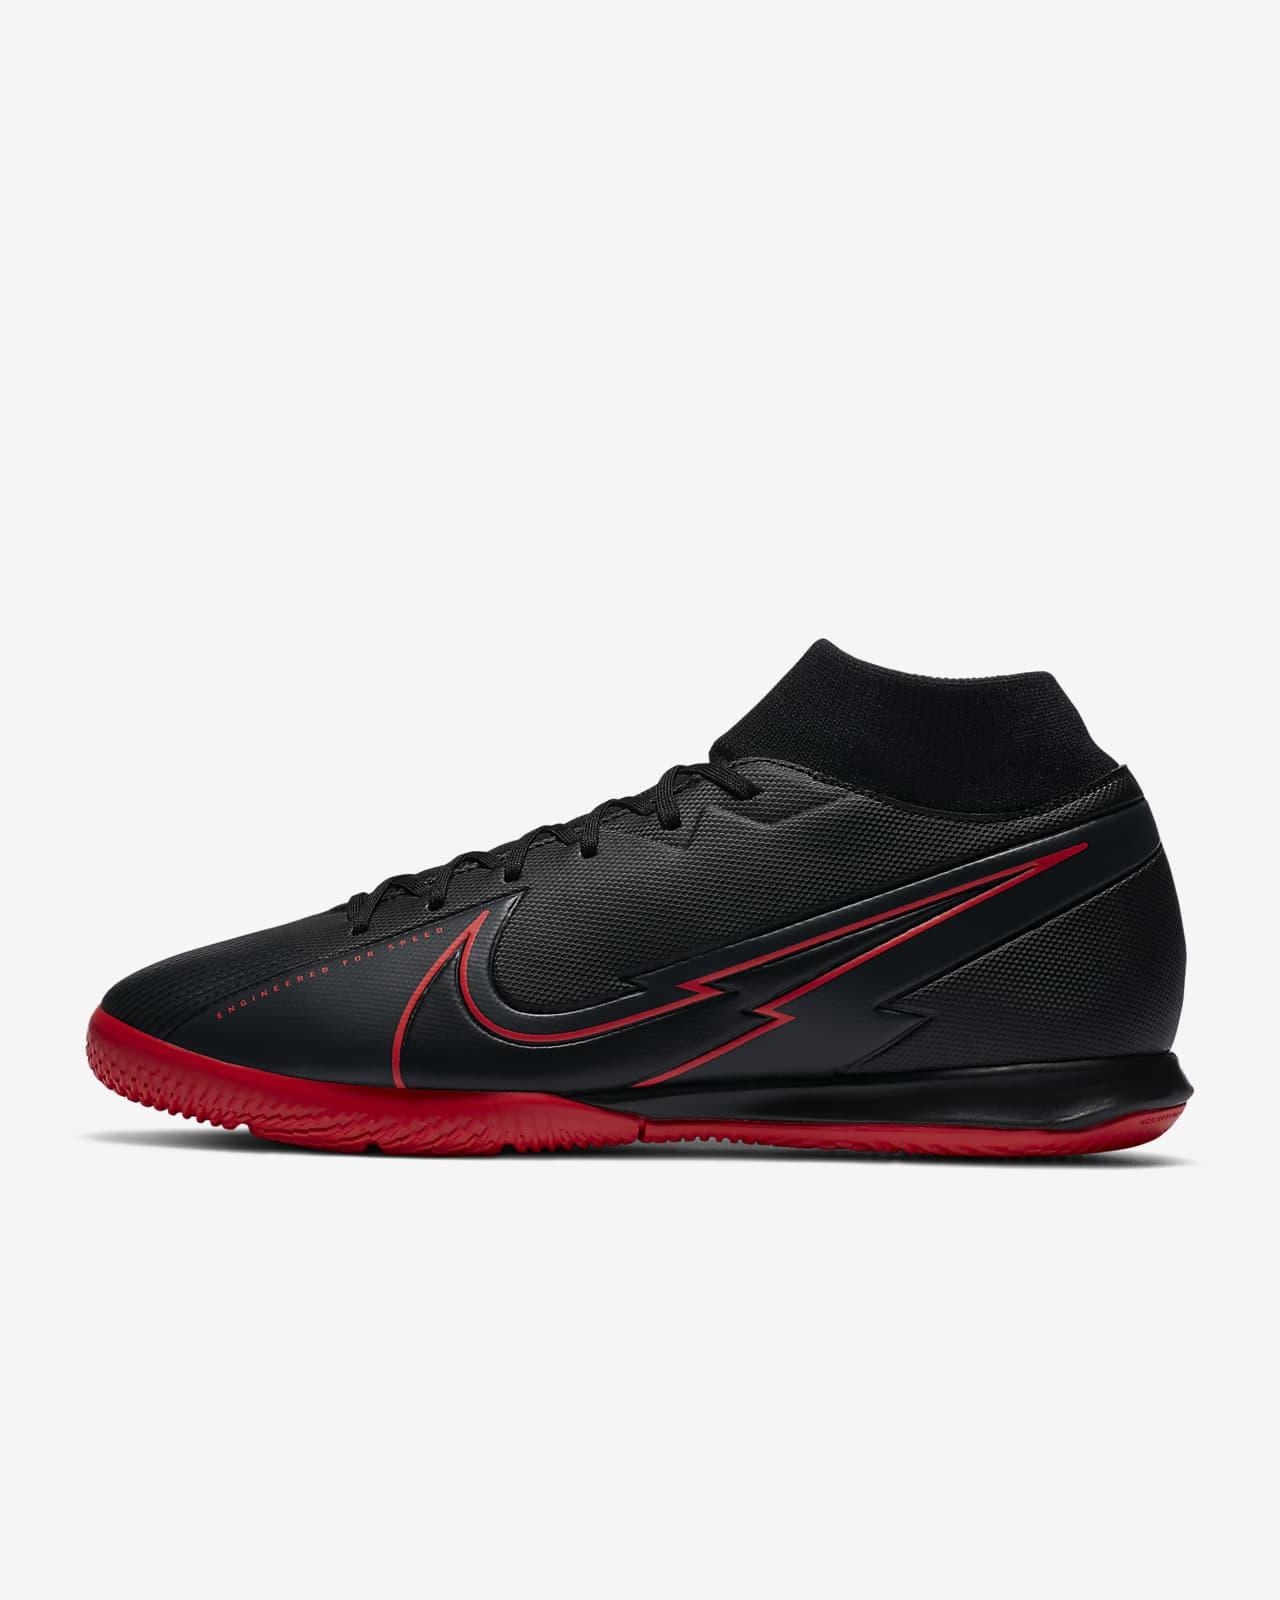 Nike Mercurial Superfly 7 Academy IC fotballsko til innendørsbane/gate